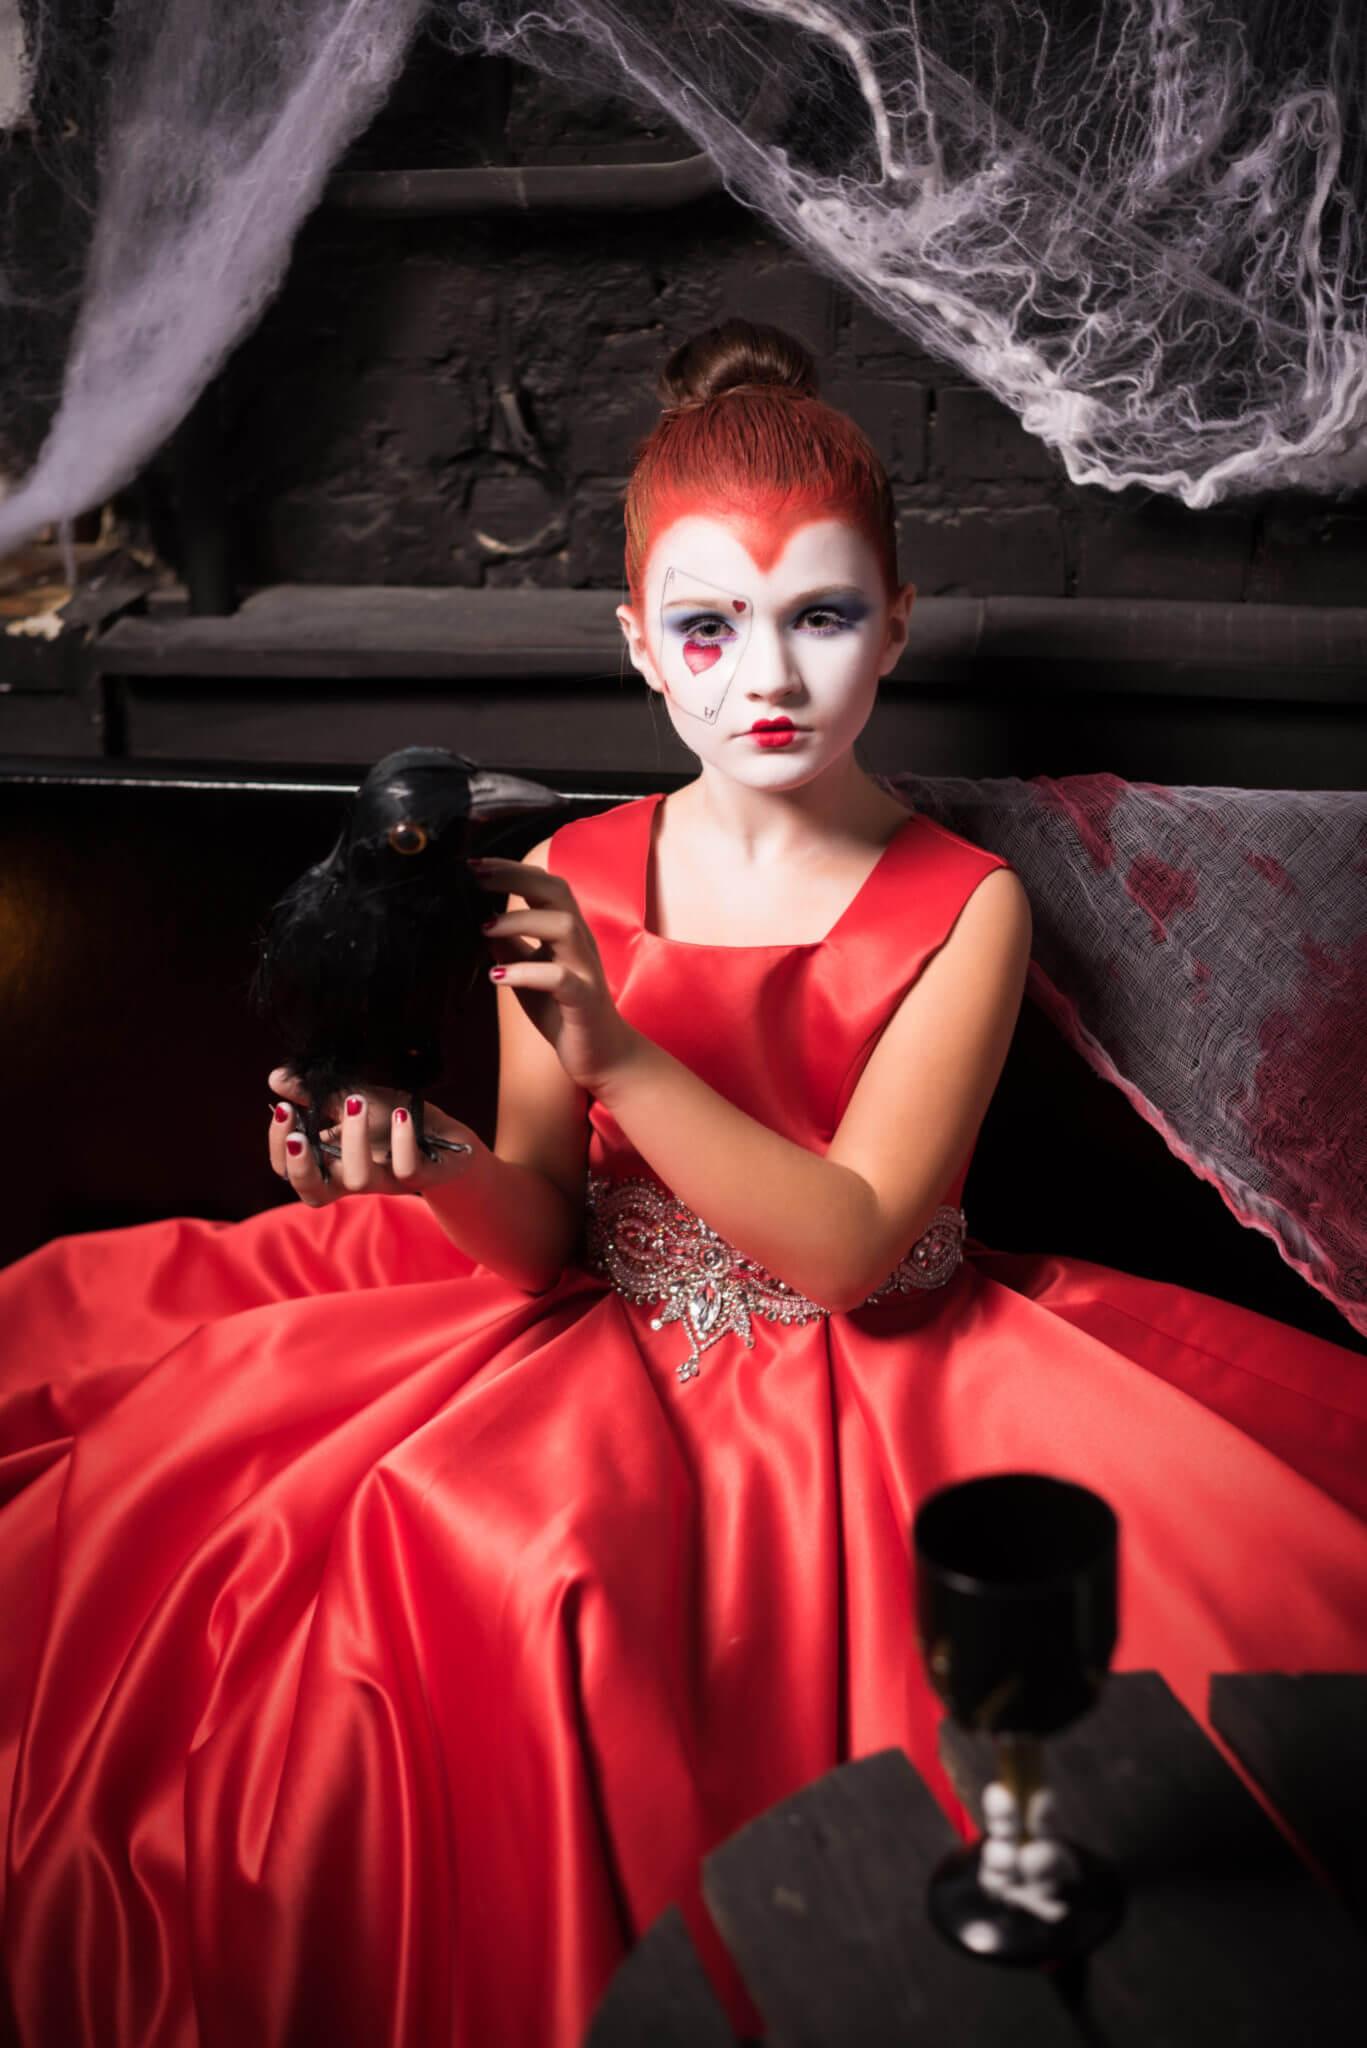 Фотосессия на Хэллоуин, ph Постникова Алиса, девочка в красном платье с вороной в руках